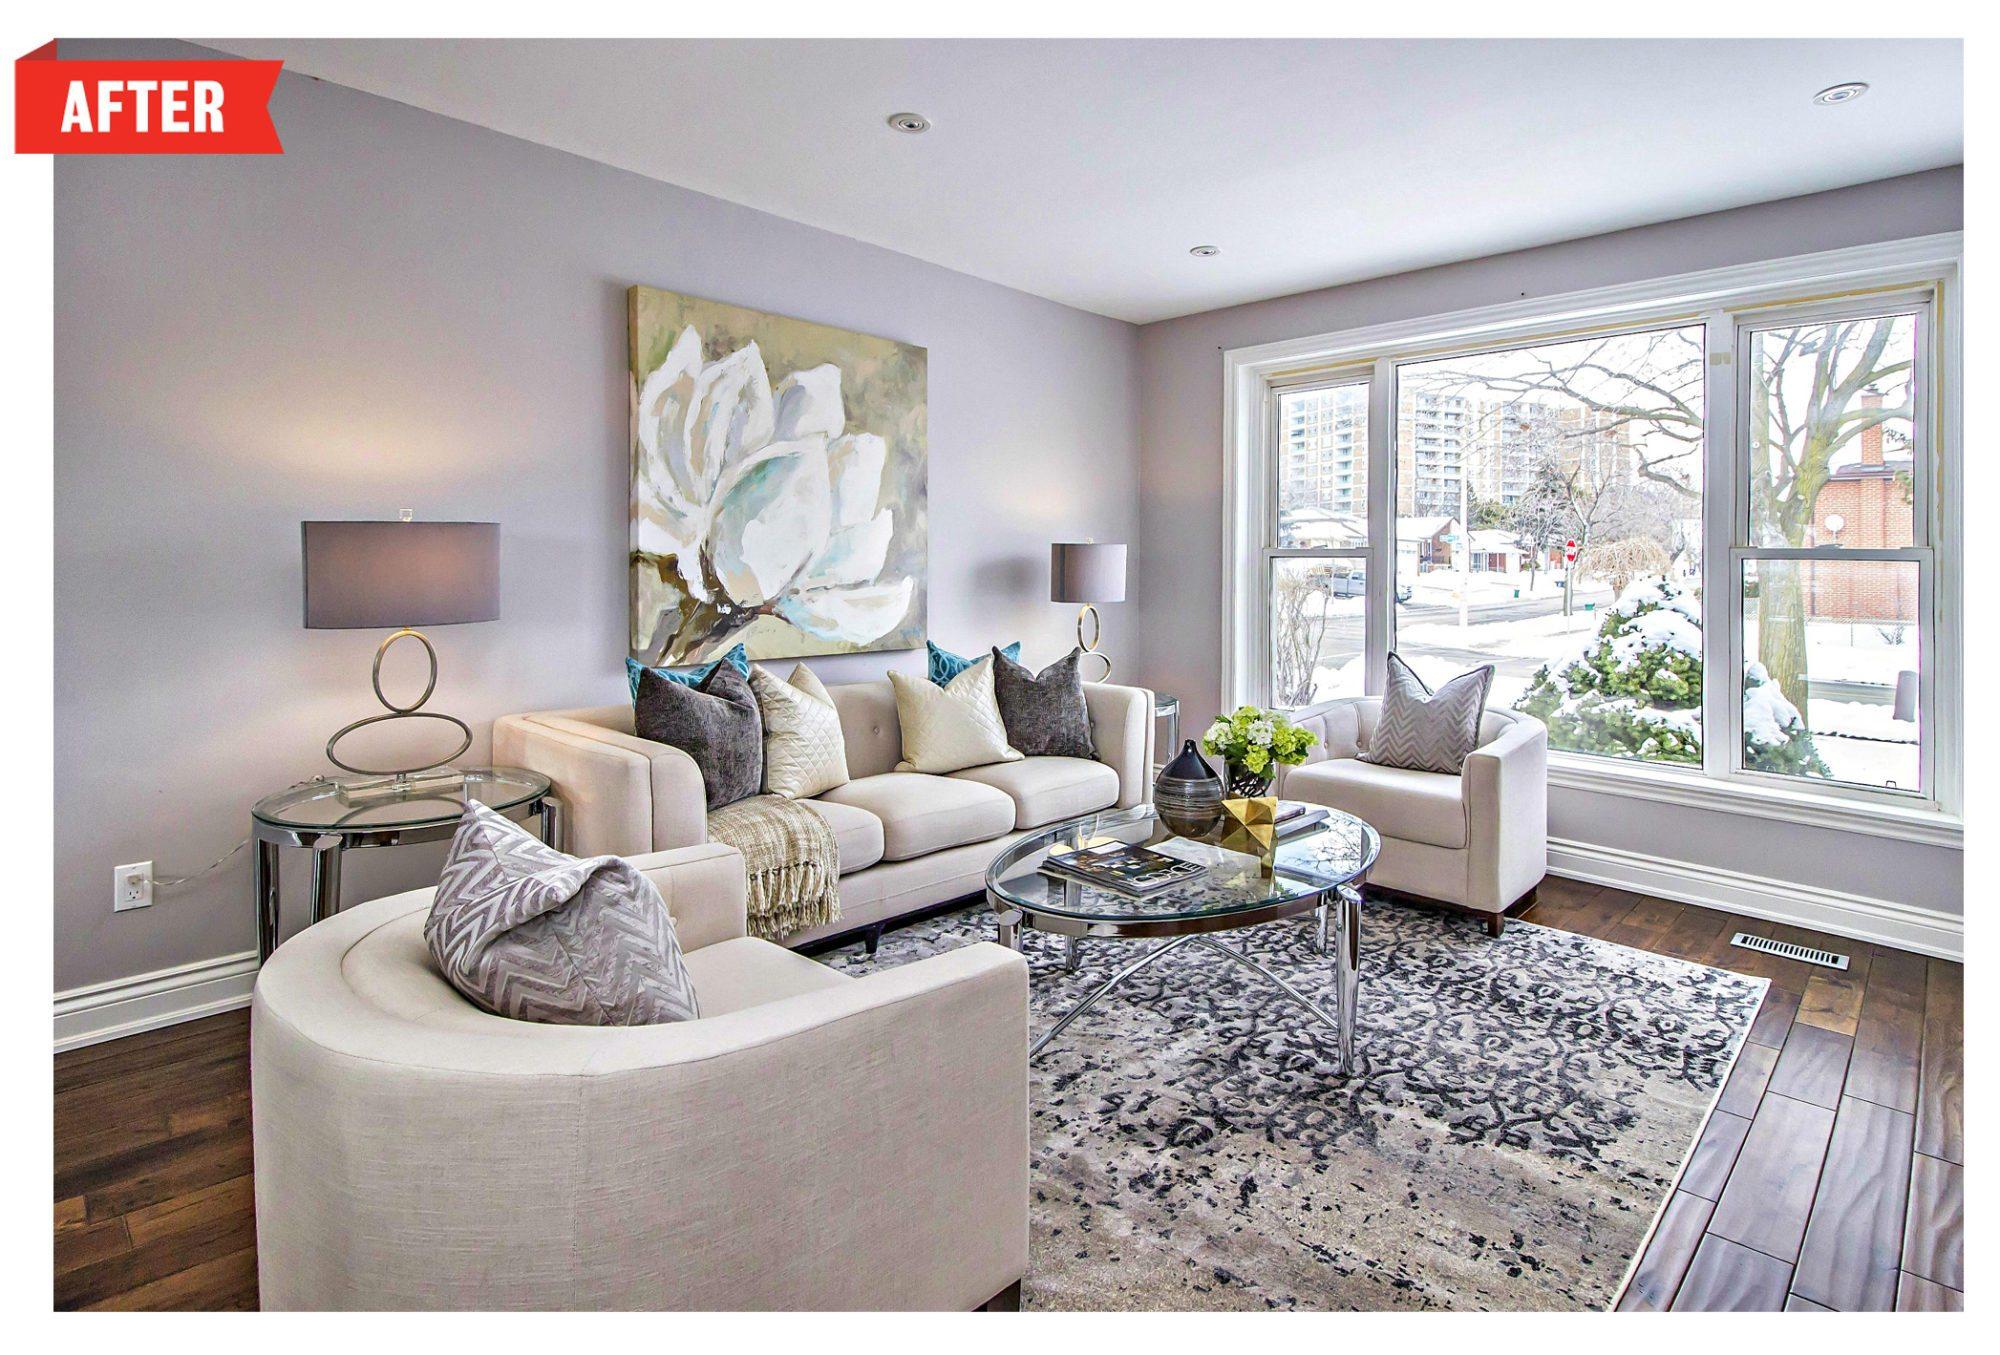 redgrave-living-room-after